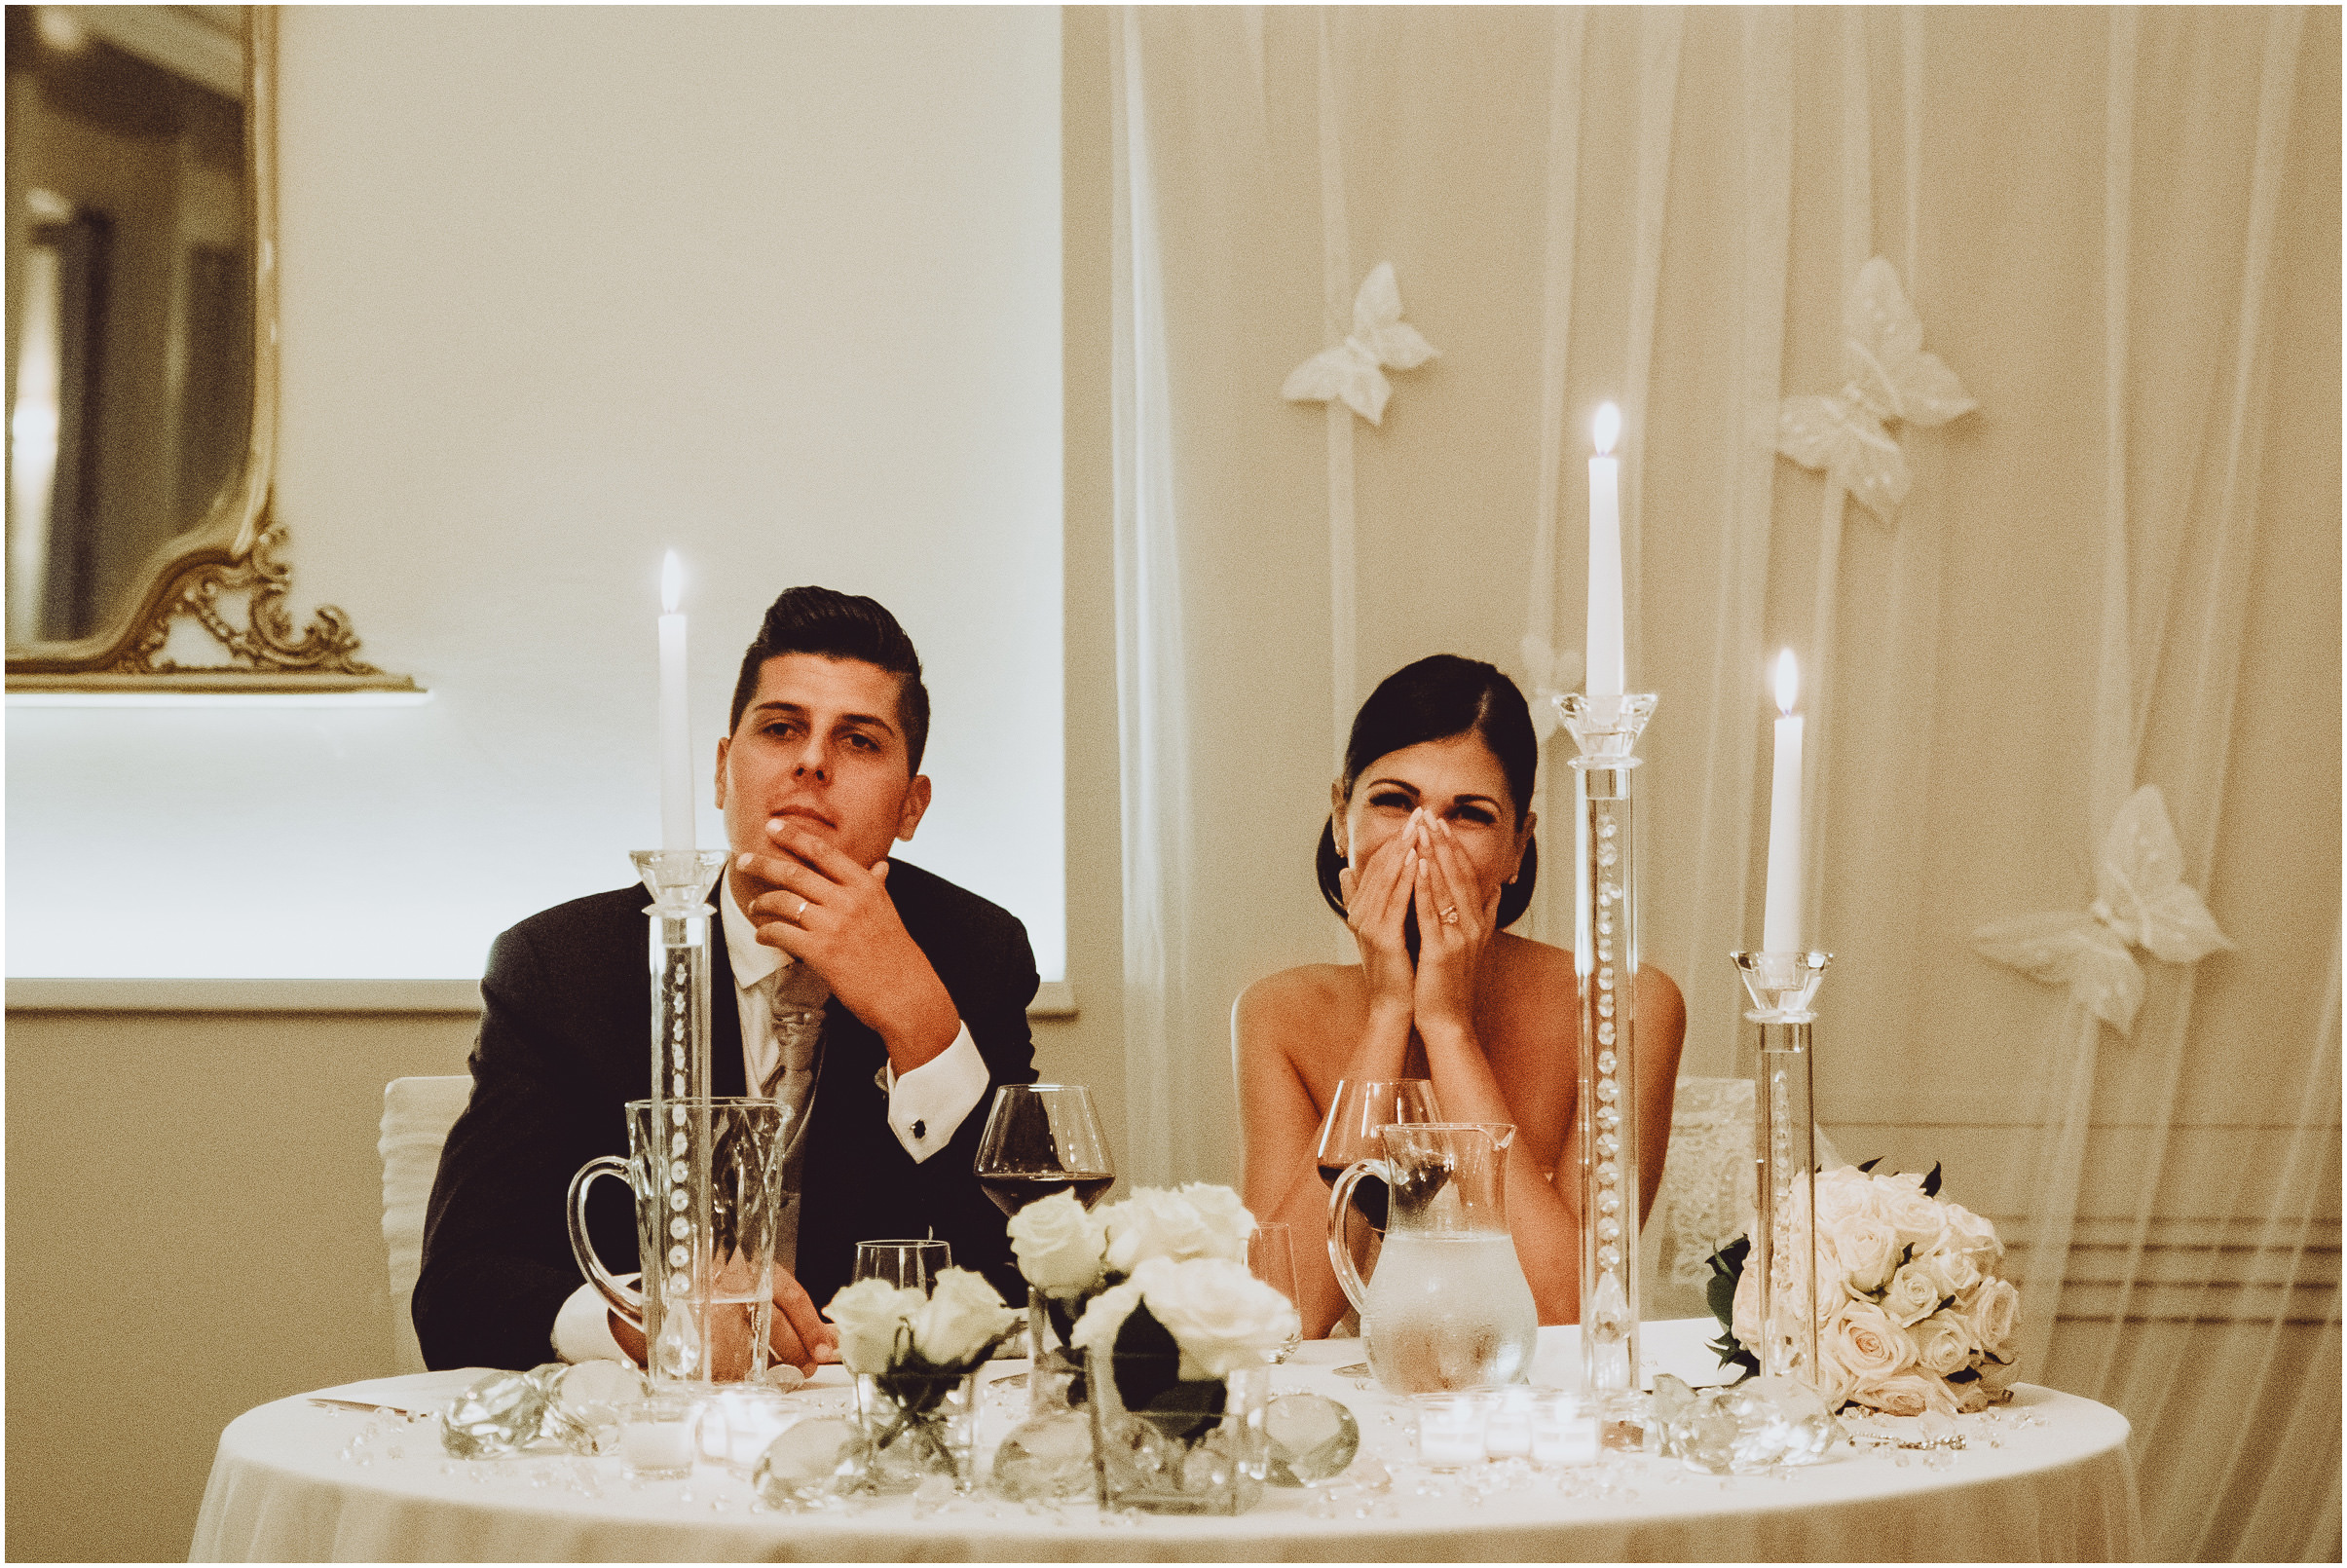 WEDDING-PHOTOGRAPHY-SARA-LORENZONI-FOTOGRAFIA-MATRIMONIO-AREZZO-TUSCANY-EVENTO-LE-SPOSE-DI-GIANNI-ELISA-LUCA058